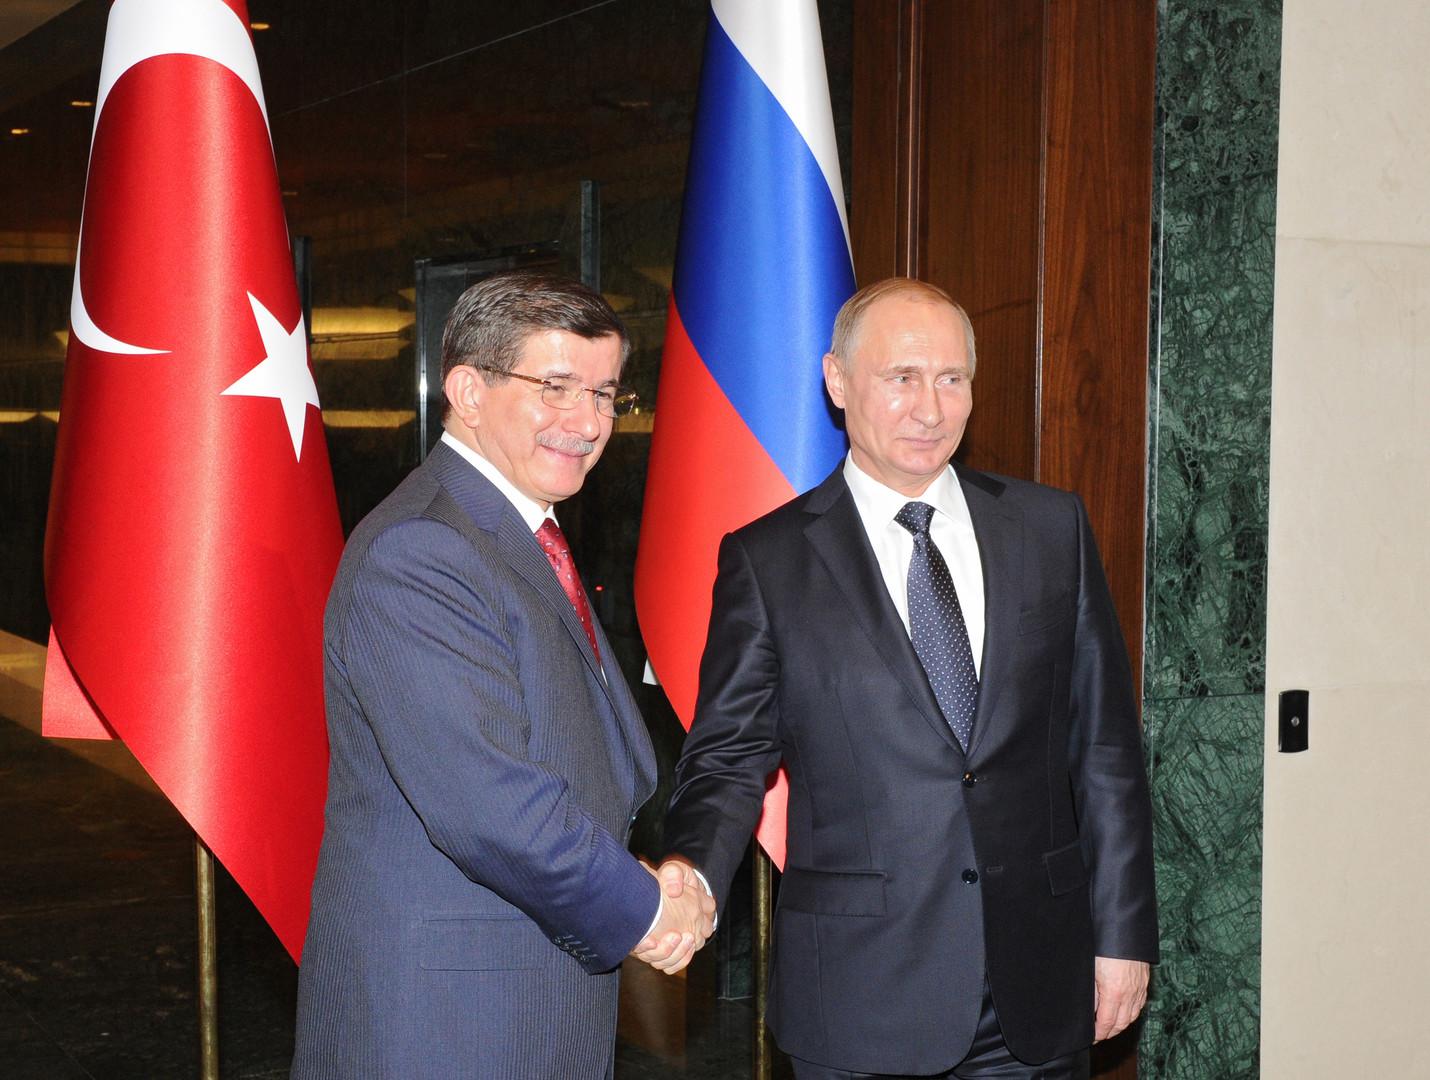 Vladimir Poutine et le Premier ministre turque Davutoglu le 1er décembre 2014 à Ankara.